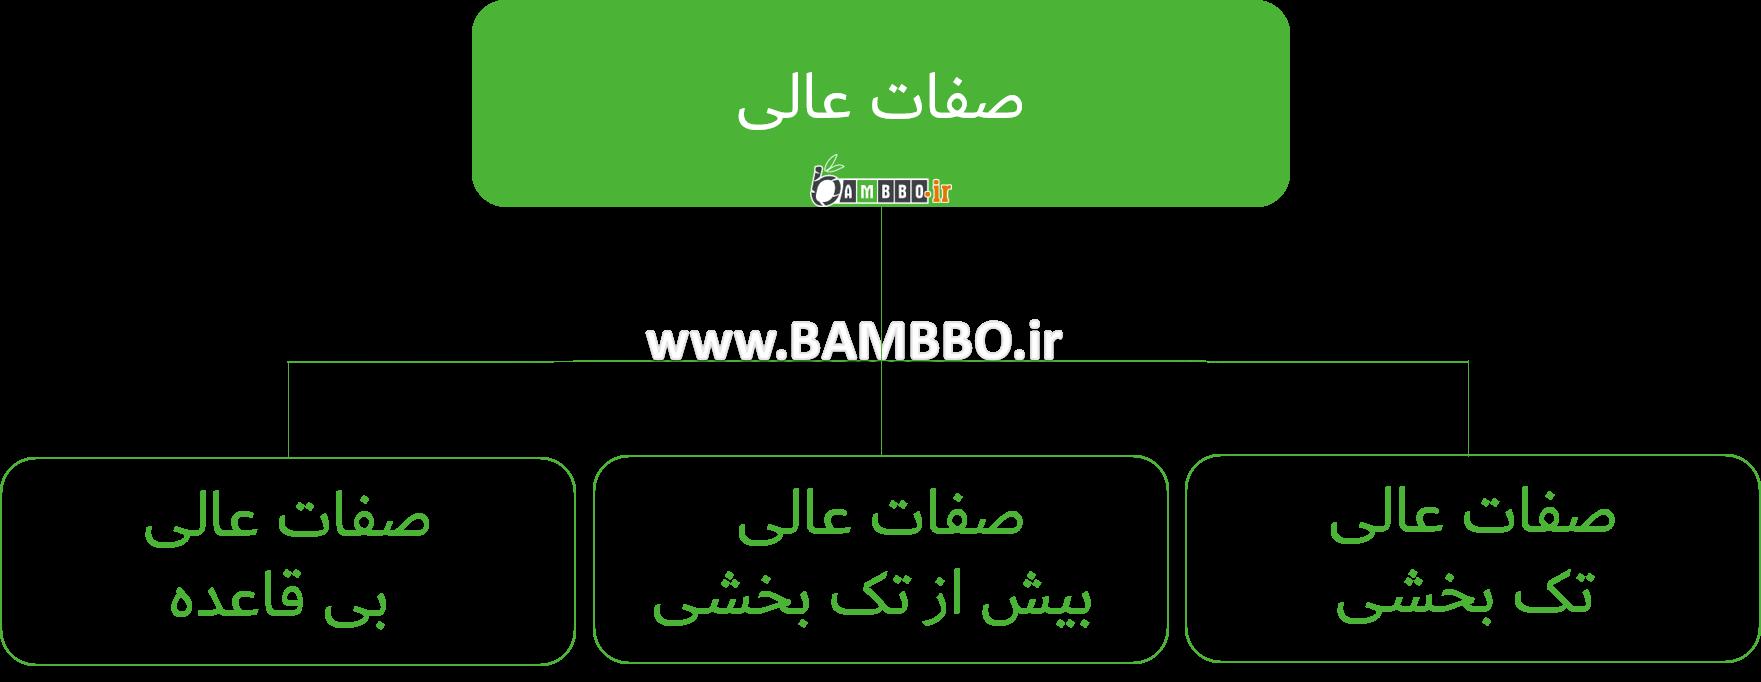 گرامر صفت عالی یا برترین در زبان انگلیسی-بامبو